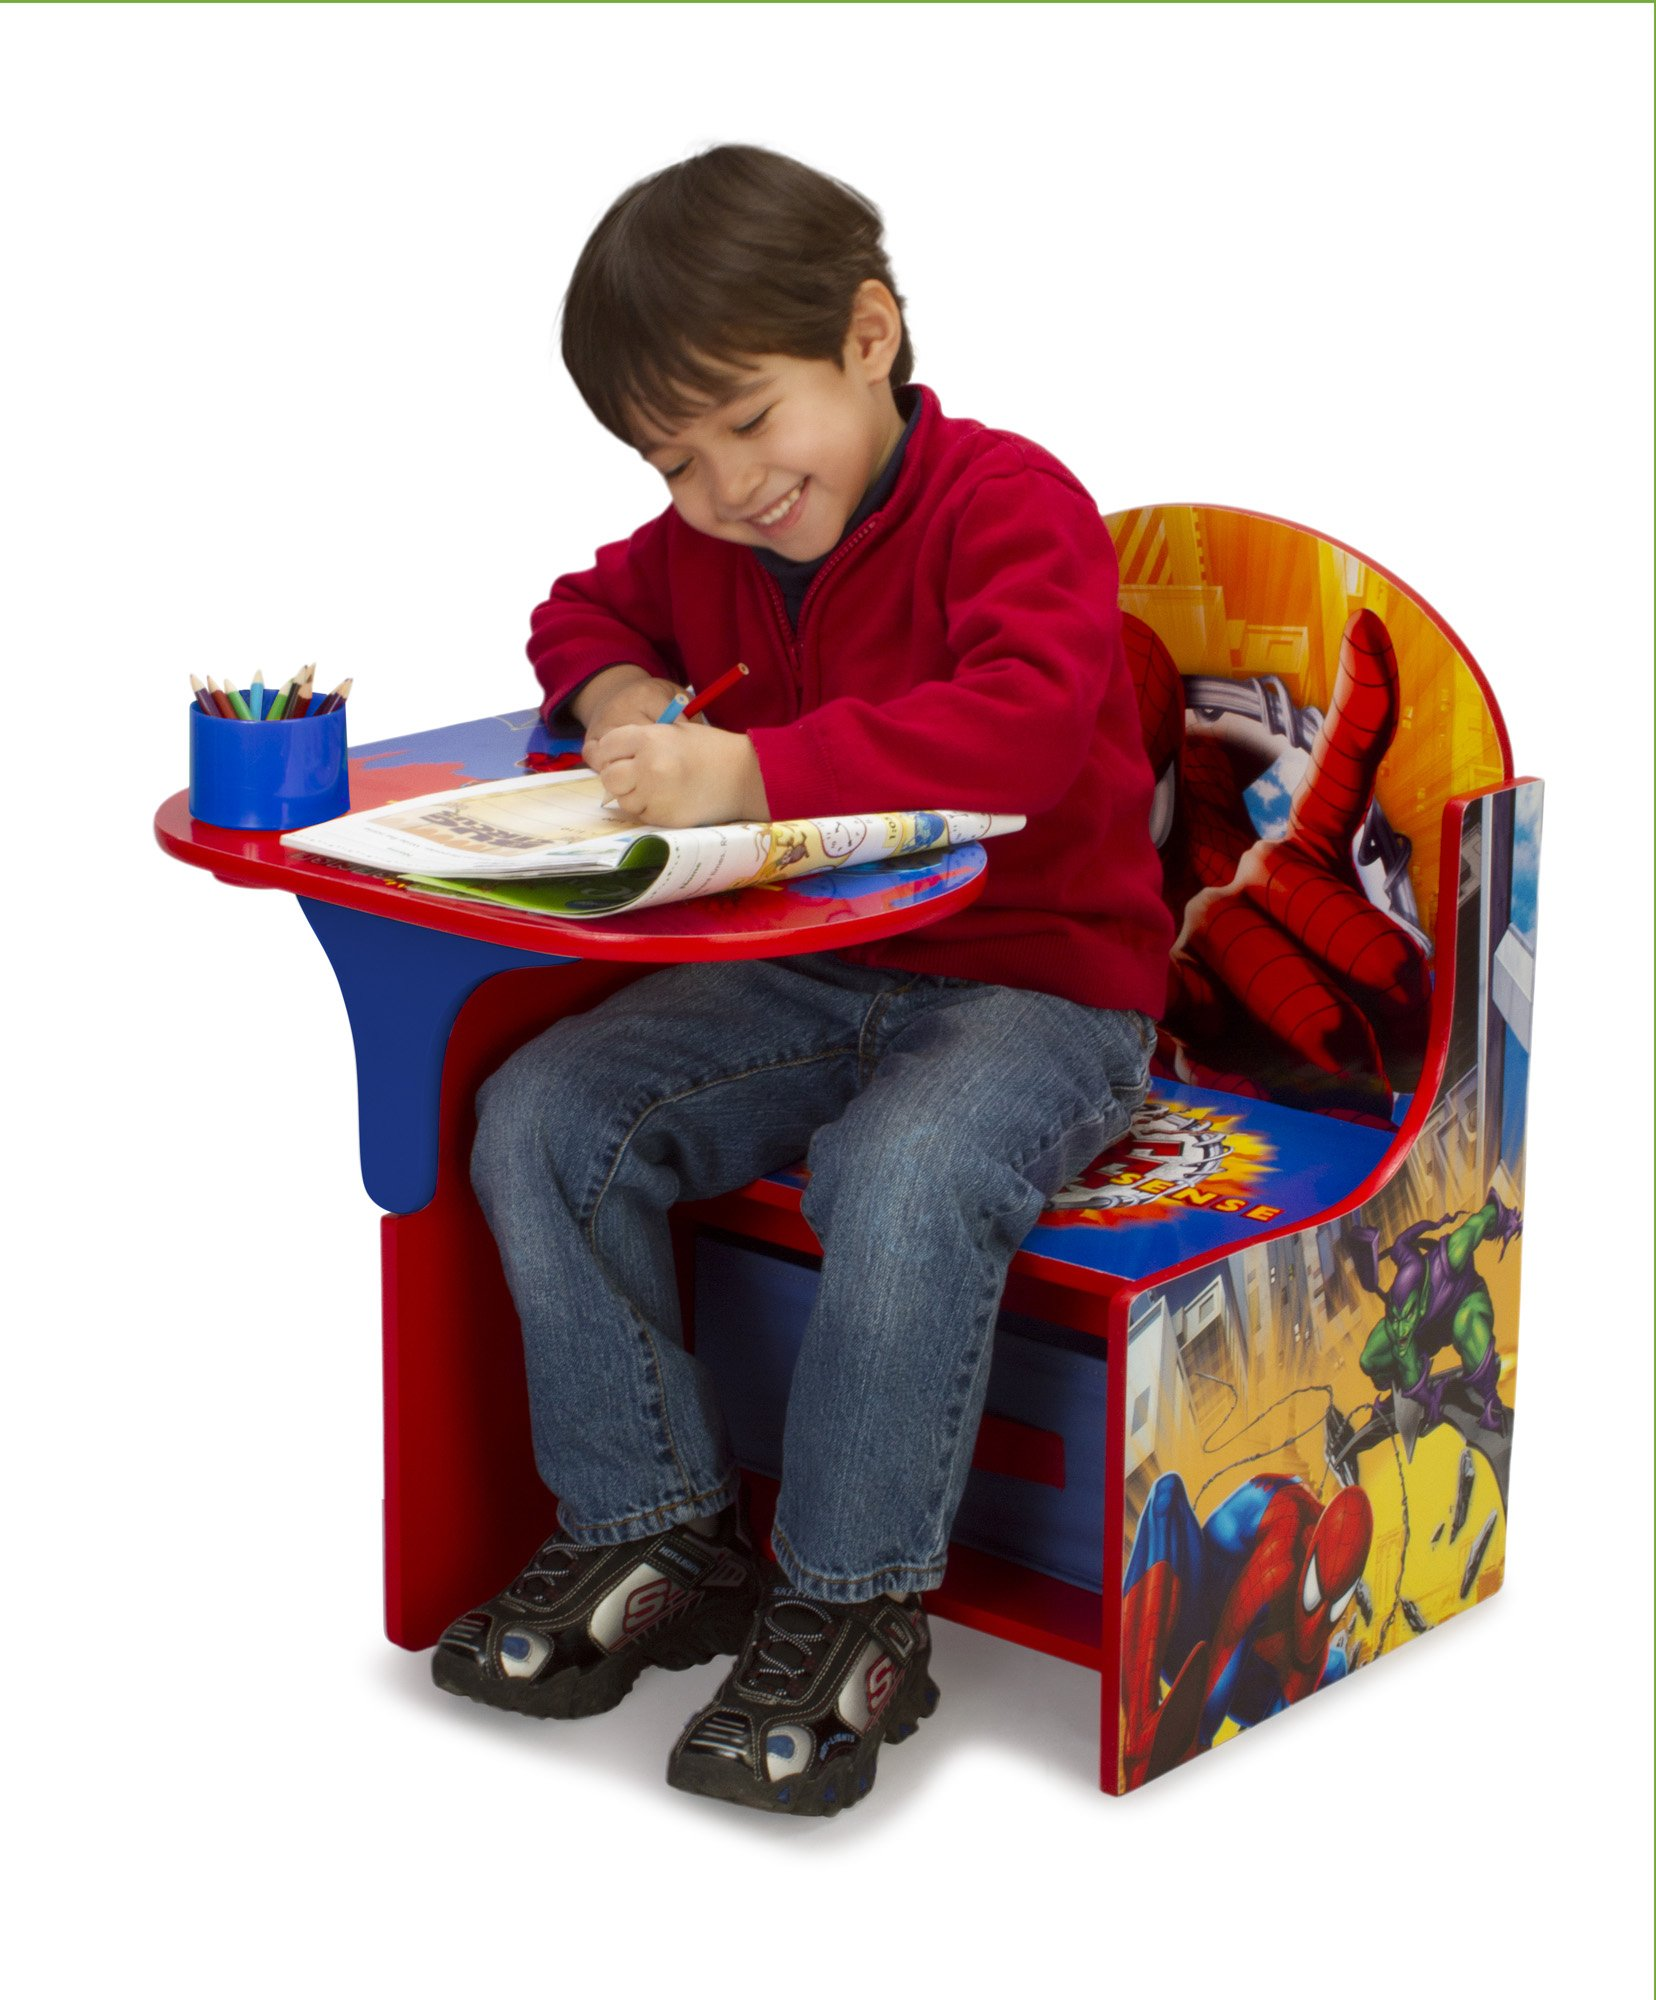 Delta Enterprise Spiderman Chair Desk with Storage Bin